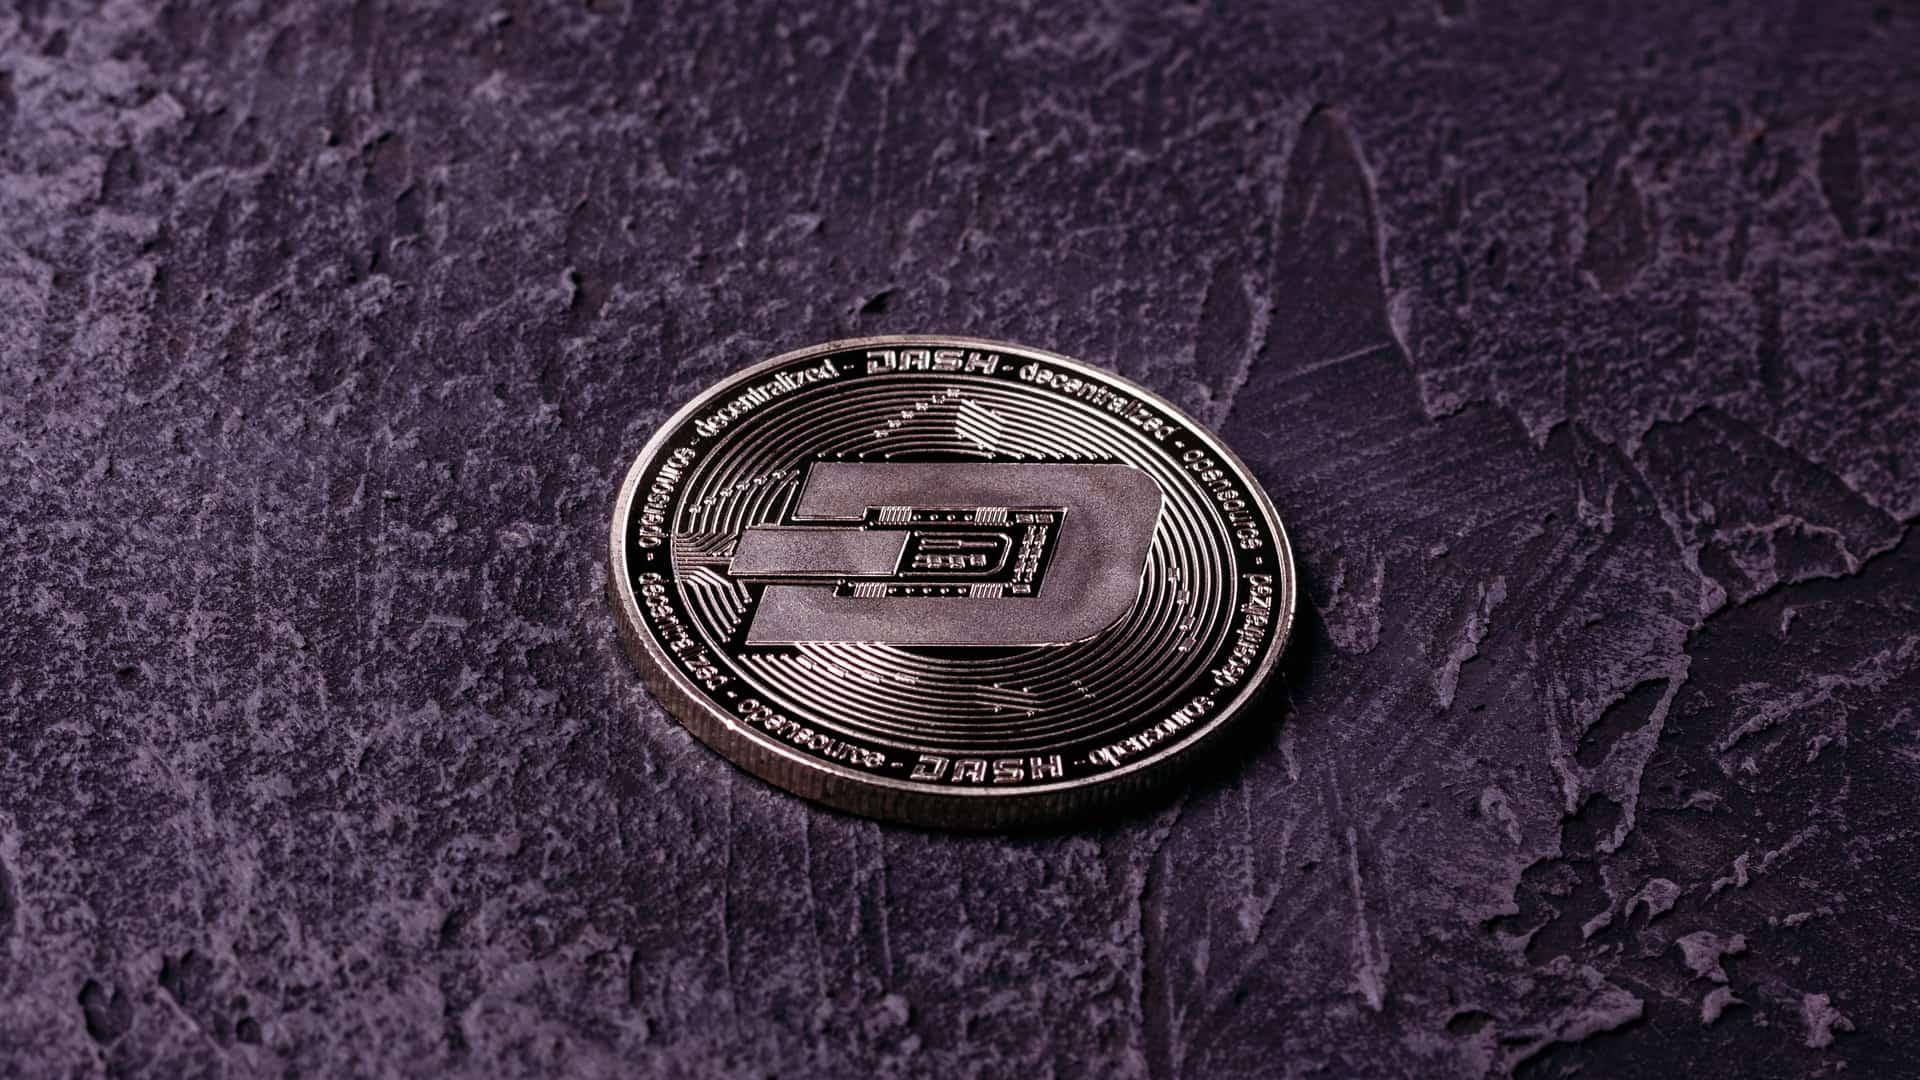 ¿Qué es la criptomoneda Dash y dónde comprarla? | Octubre 2021